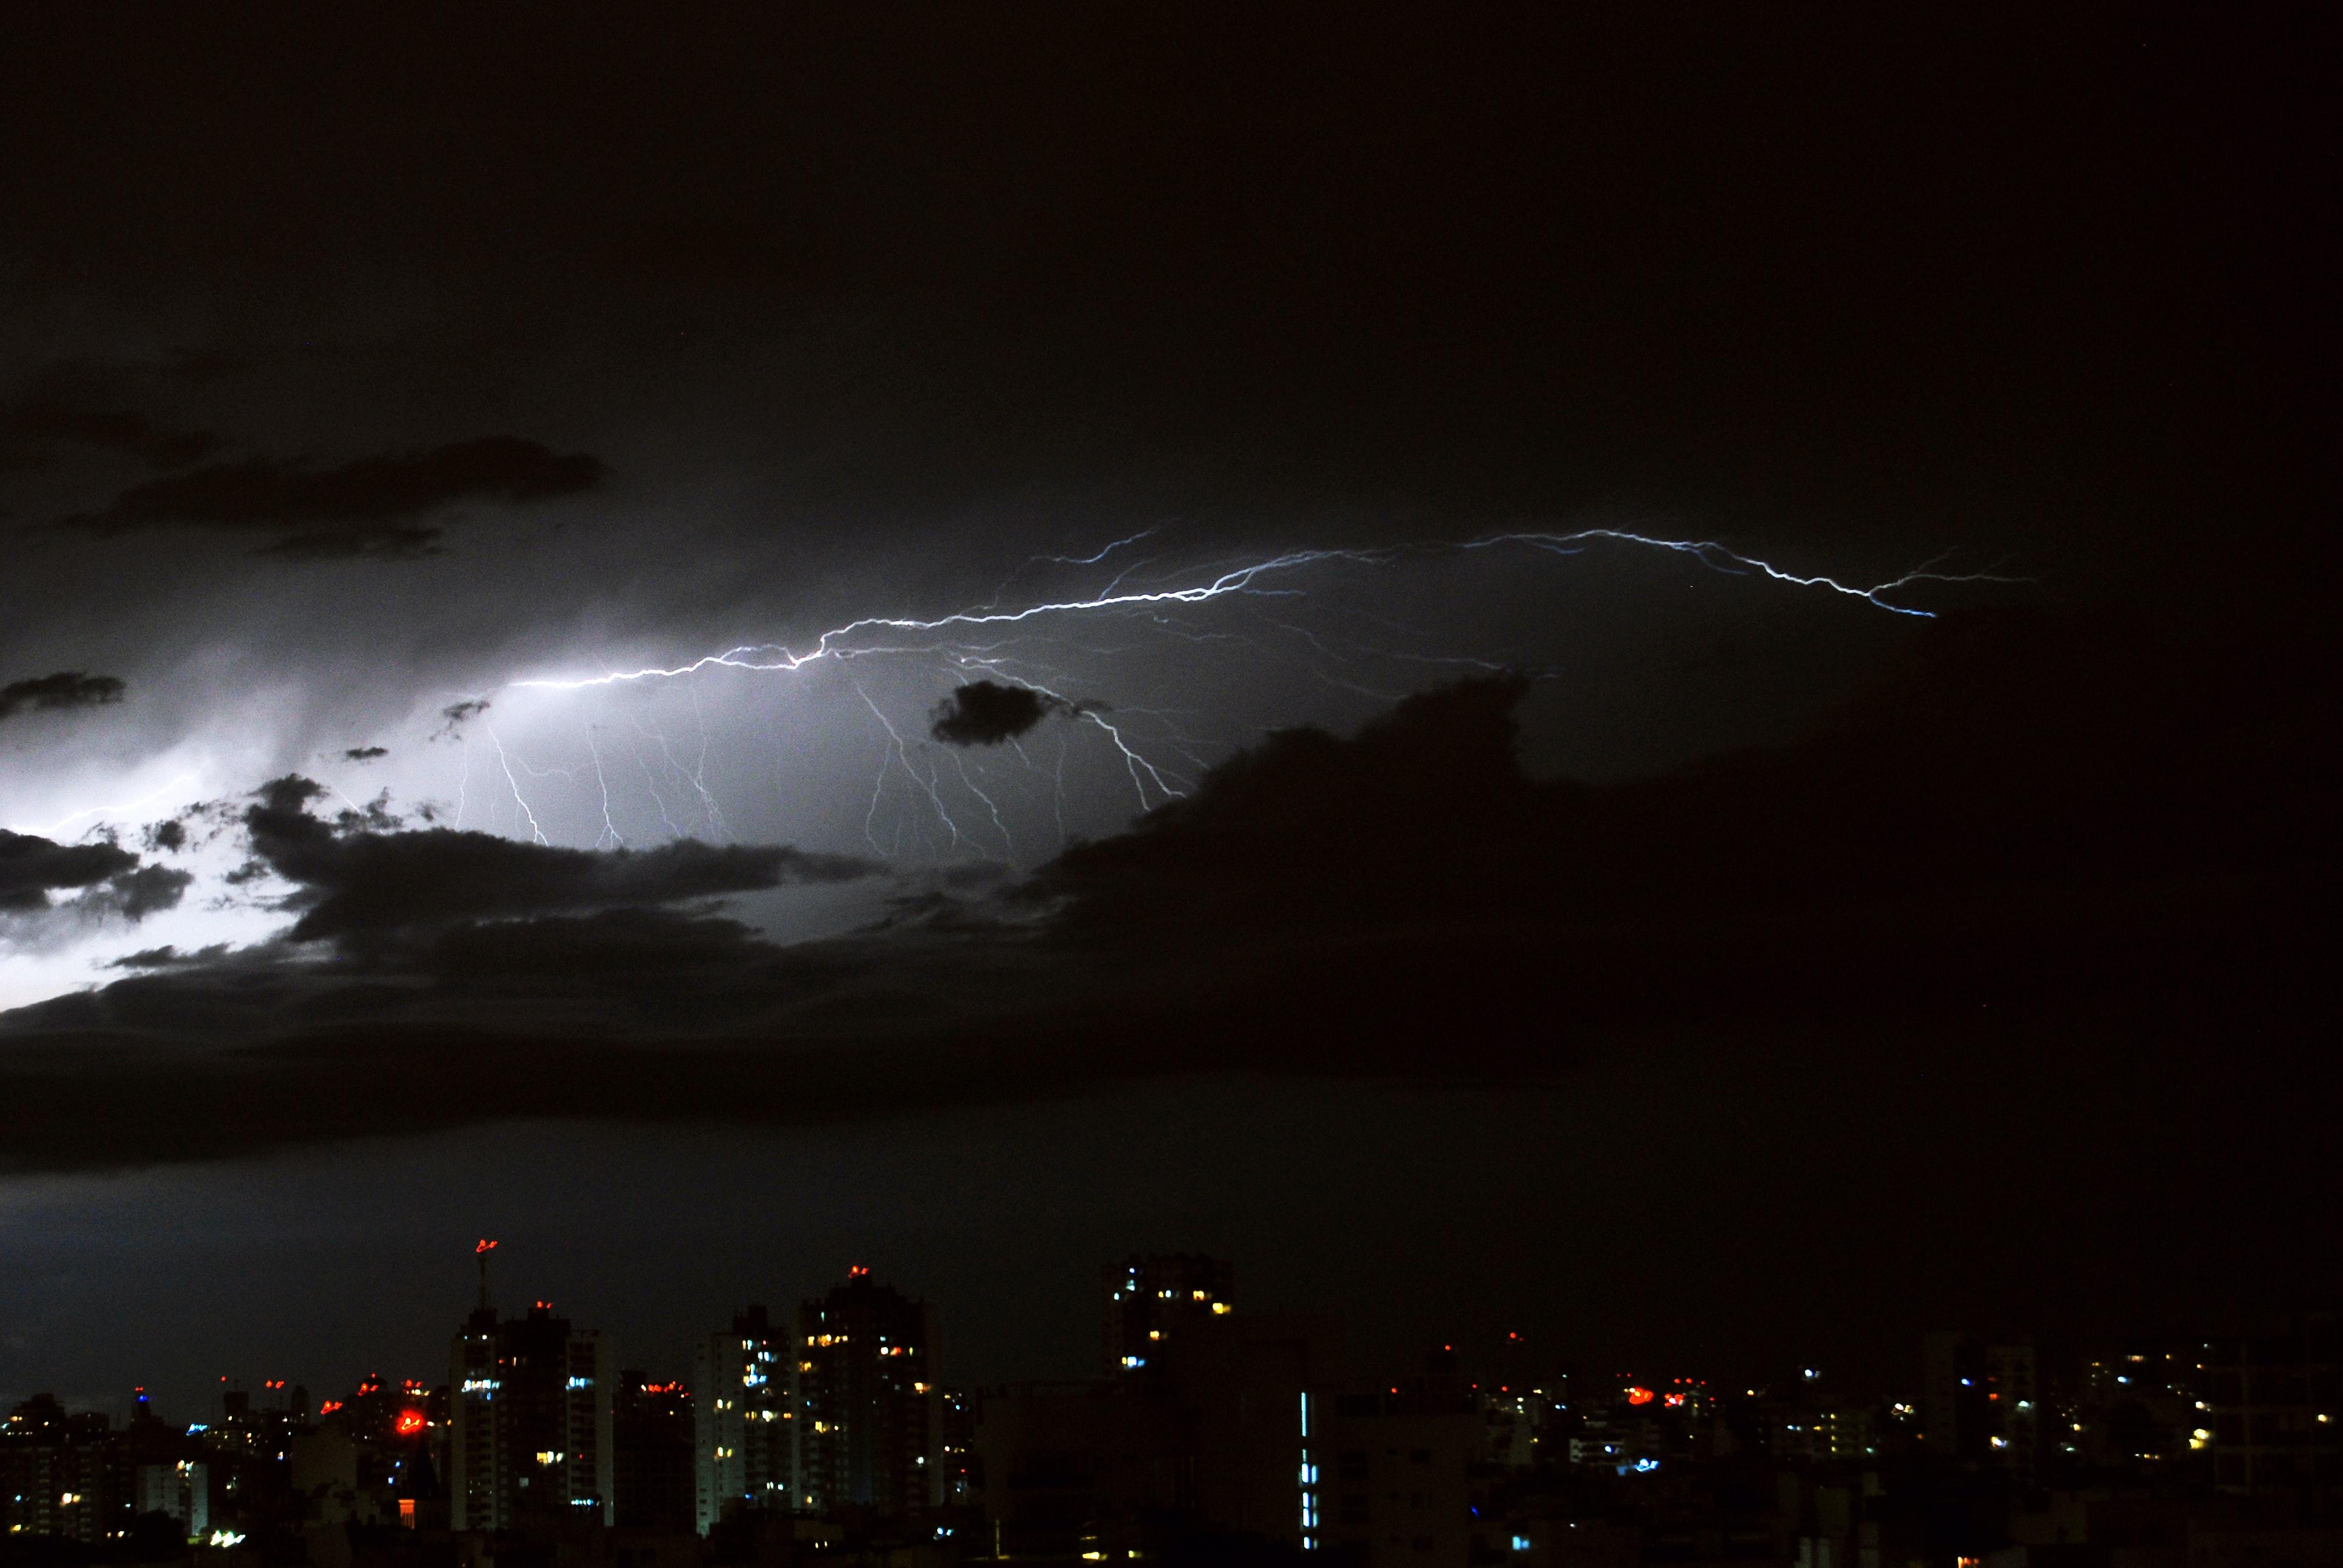 Przykład wyładowania atmosferycznego typu cloud to cloud